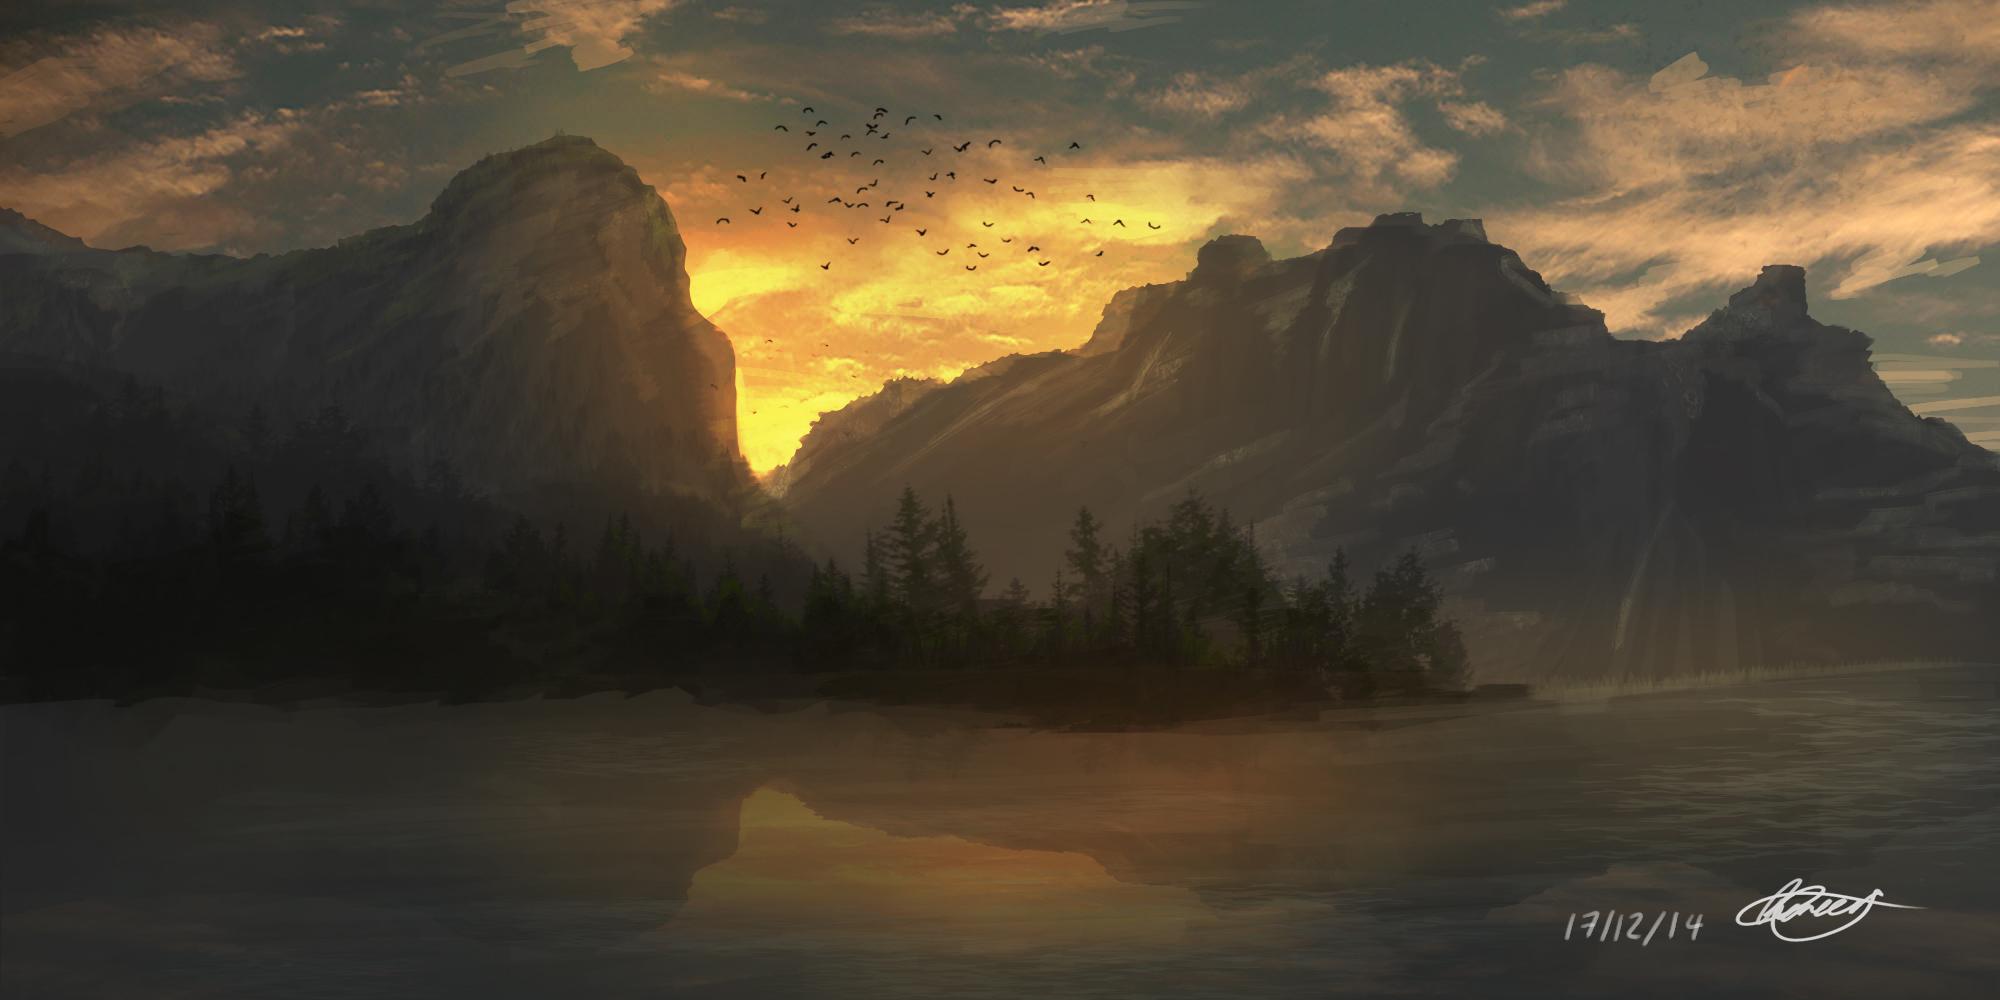 Mountain Lake speed painting